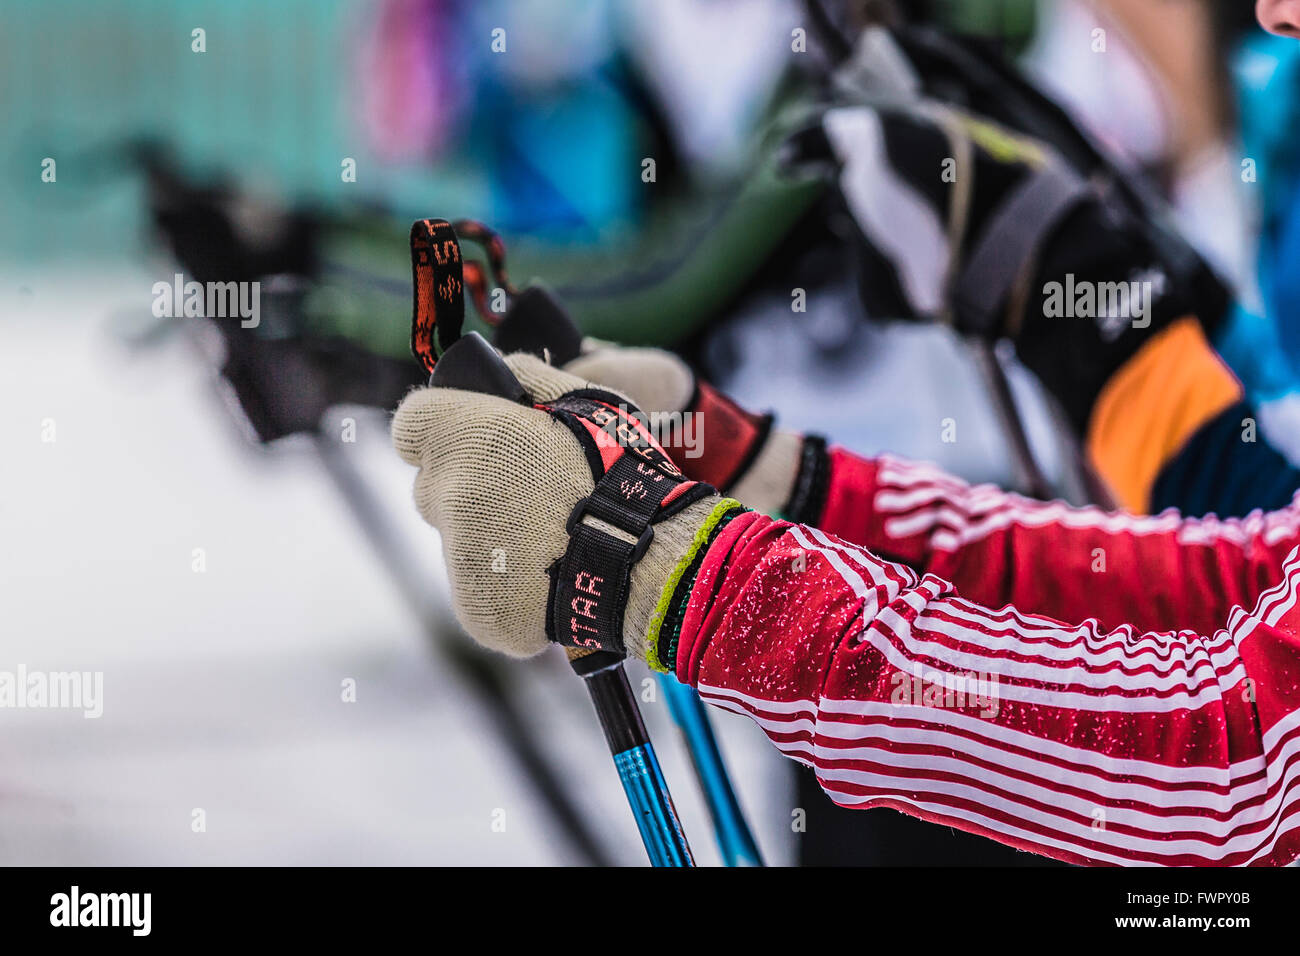 Kyshtym, Russland - 26. März 2016: Massenstart der Skifahrer Athleten, Nahaufnahme von Händen und Skistöcke Stockbild